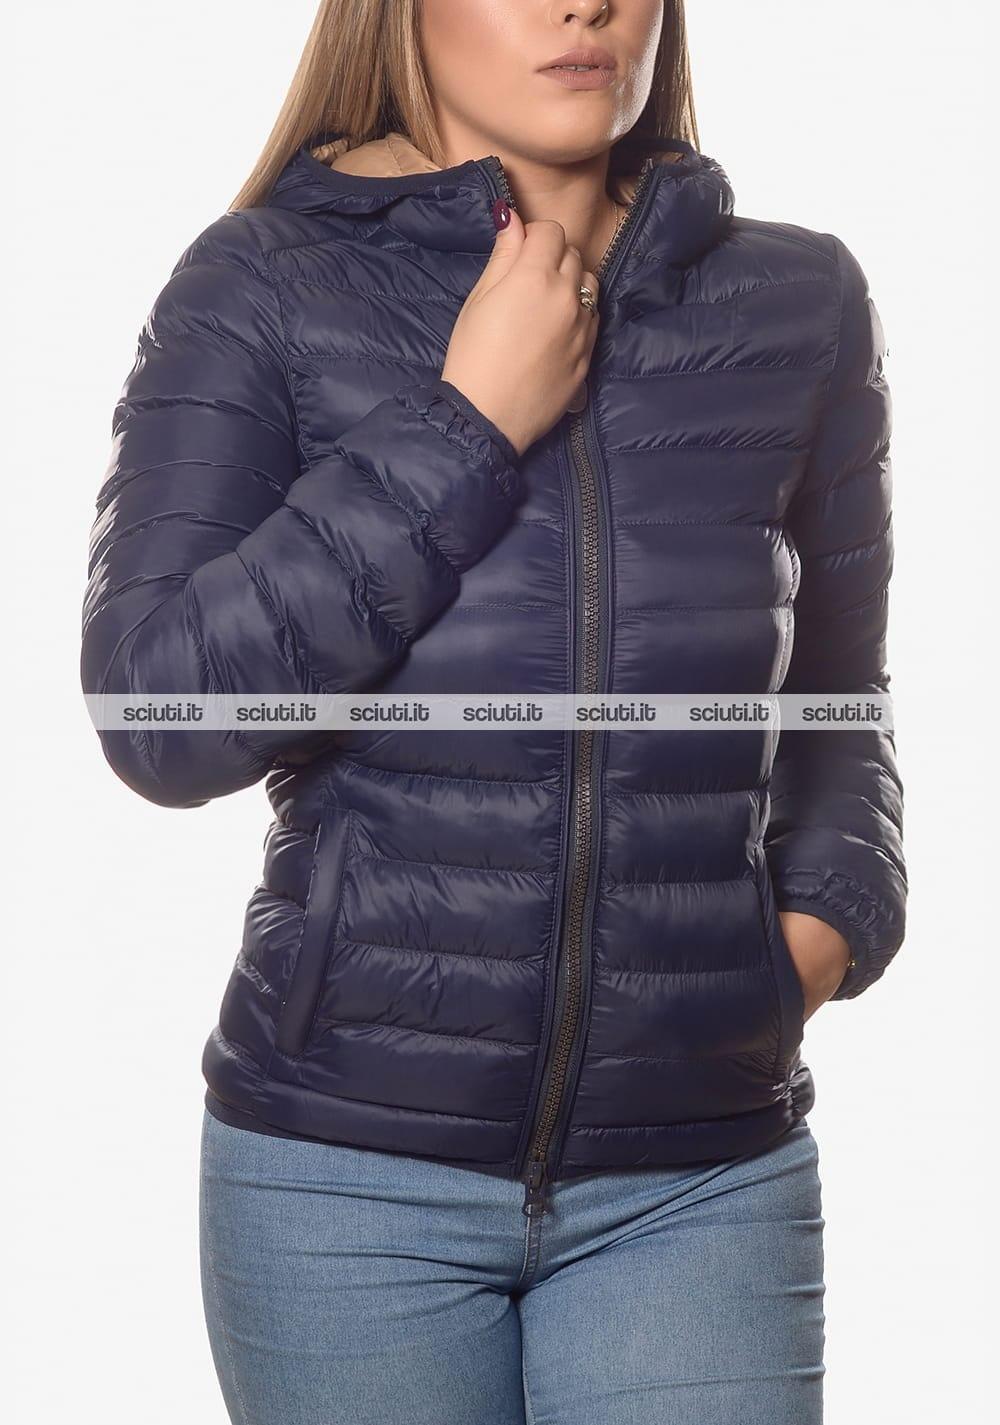 buy popular 6e870 8f5dd Piumino Invicta donna con cappuccio blu